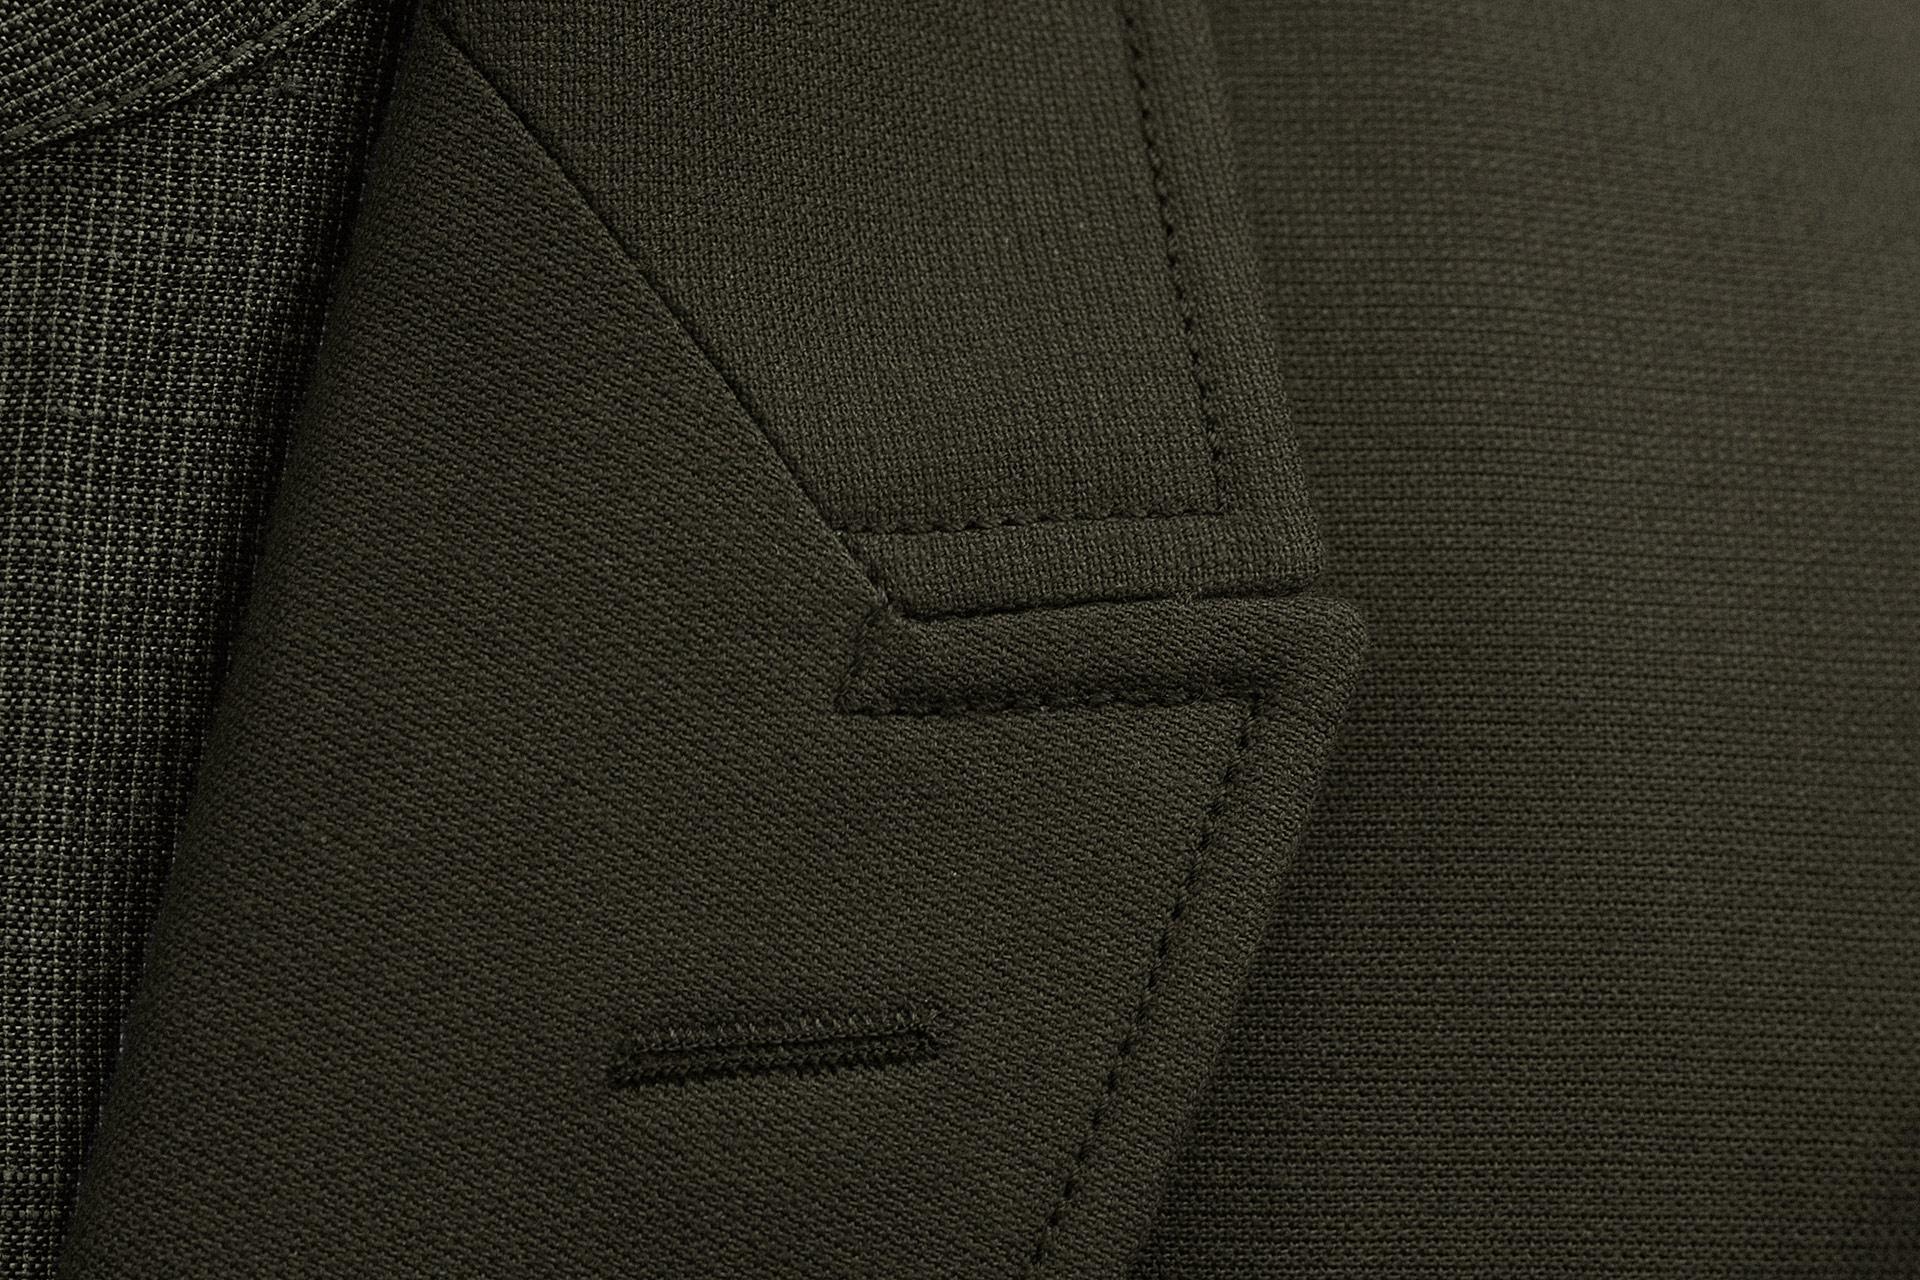 sb3-jacket-airweave-cotton-green-3@2x.jpg